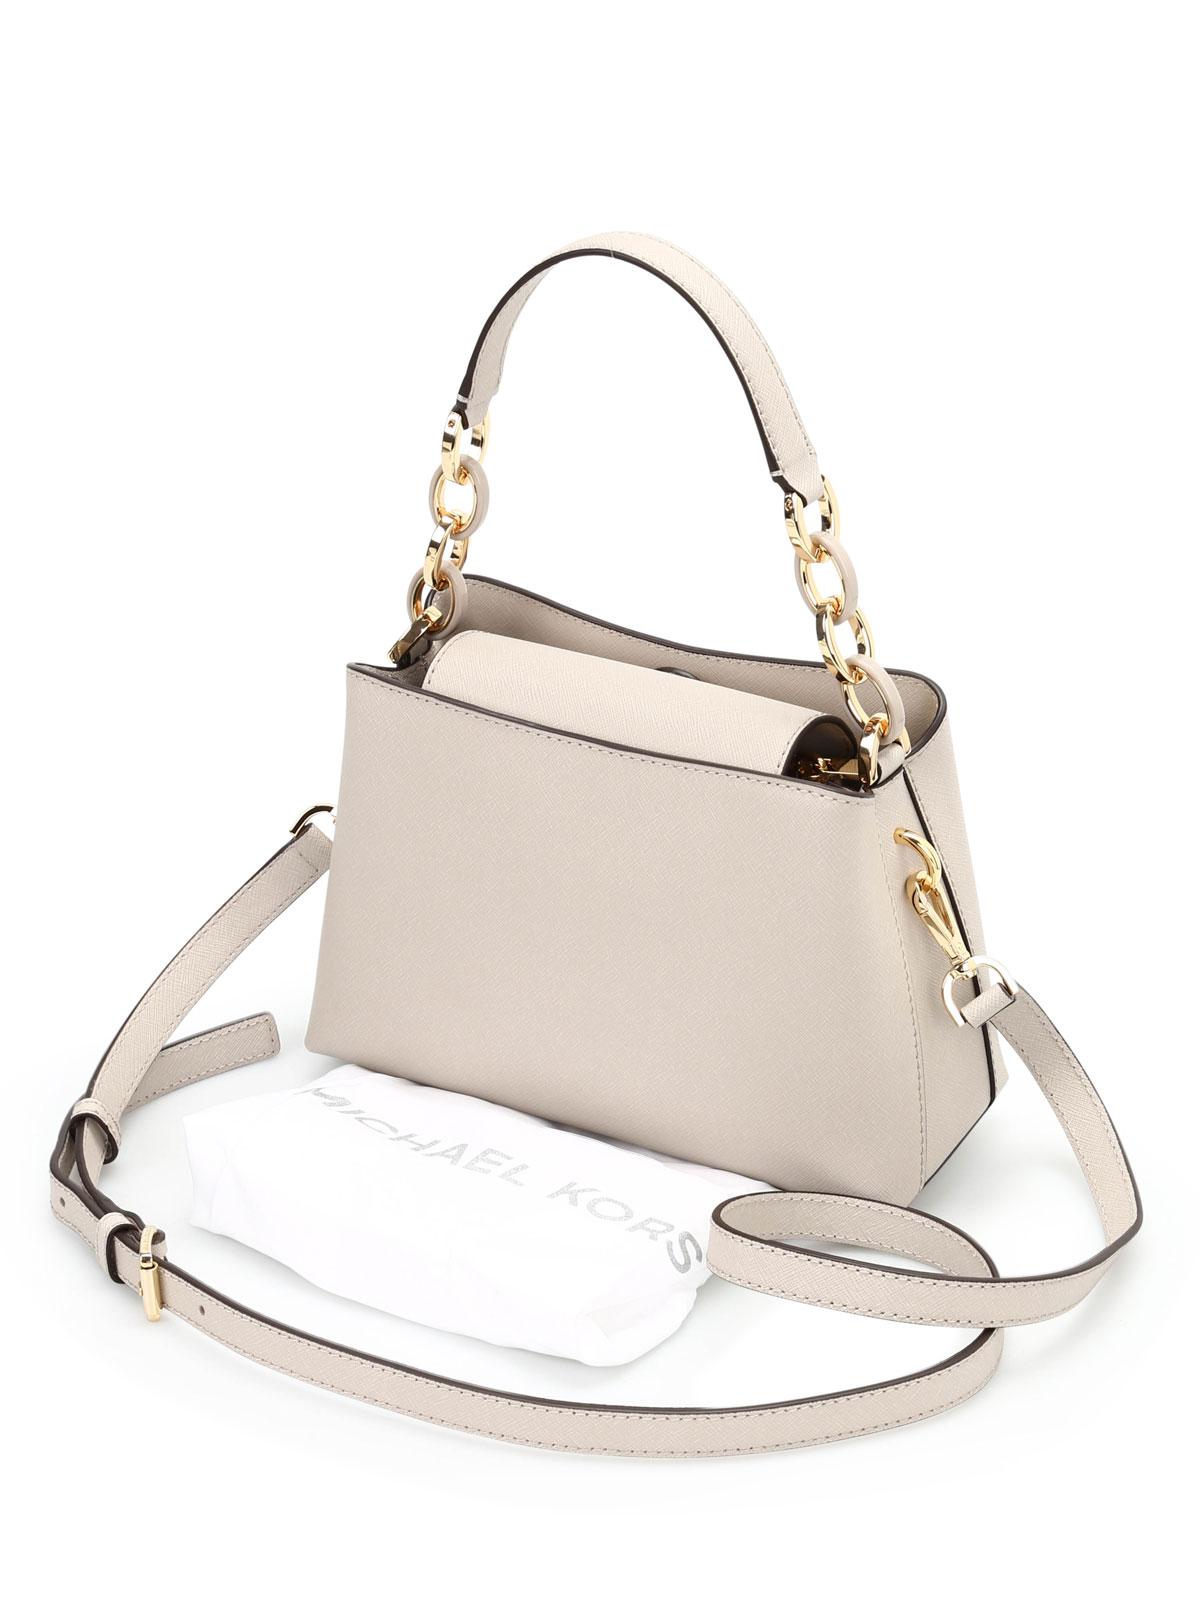 7c6081d0f366 iKRIX MICHAEL KORS  shoulder bags - Portia small shoulder bag